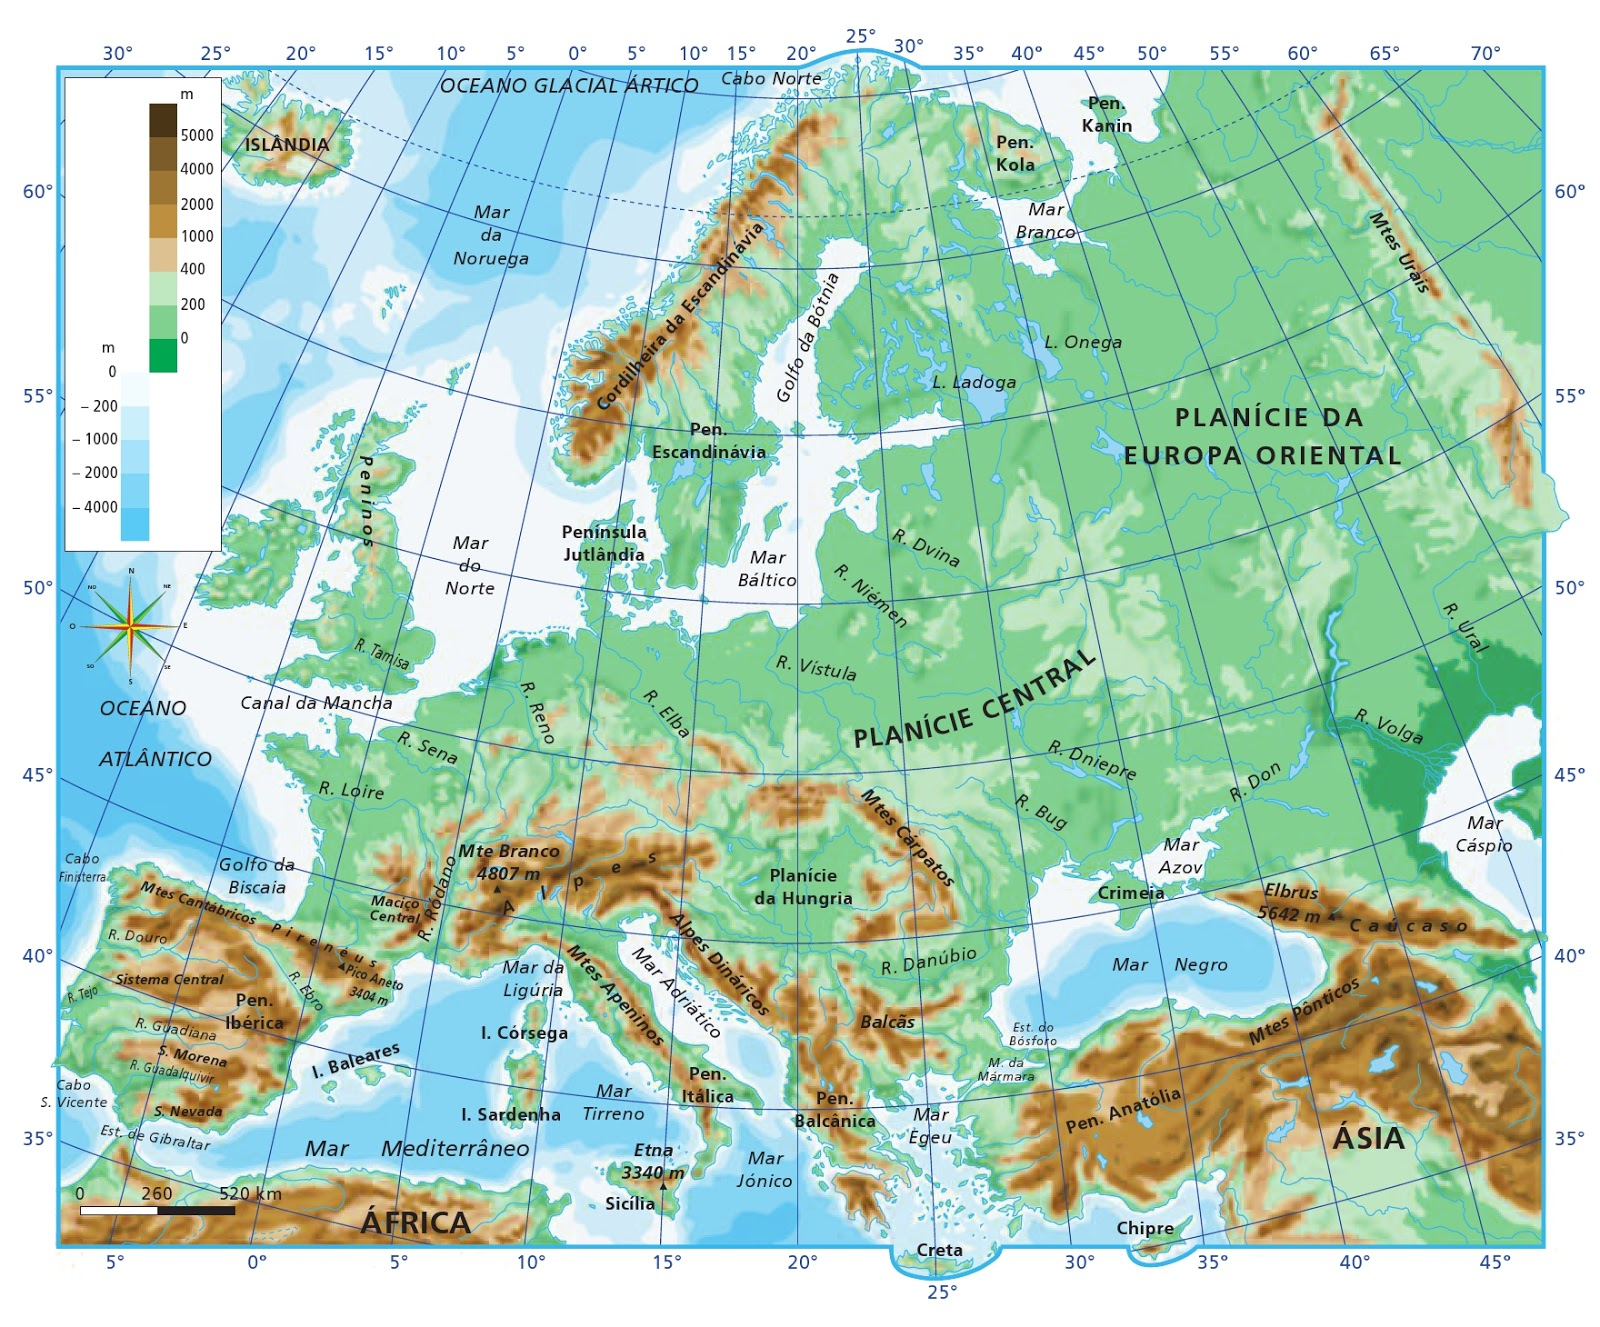 mapa hipsométrico da europa ALFÂNDEGA DA FÉ: 9º ANO: UNIÃO EUROPEIA SÉC XX: MAPAS mapa hipsométrico da europa